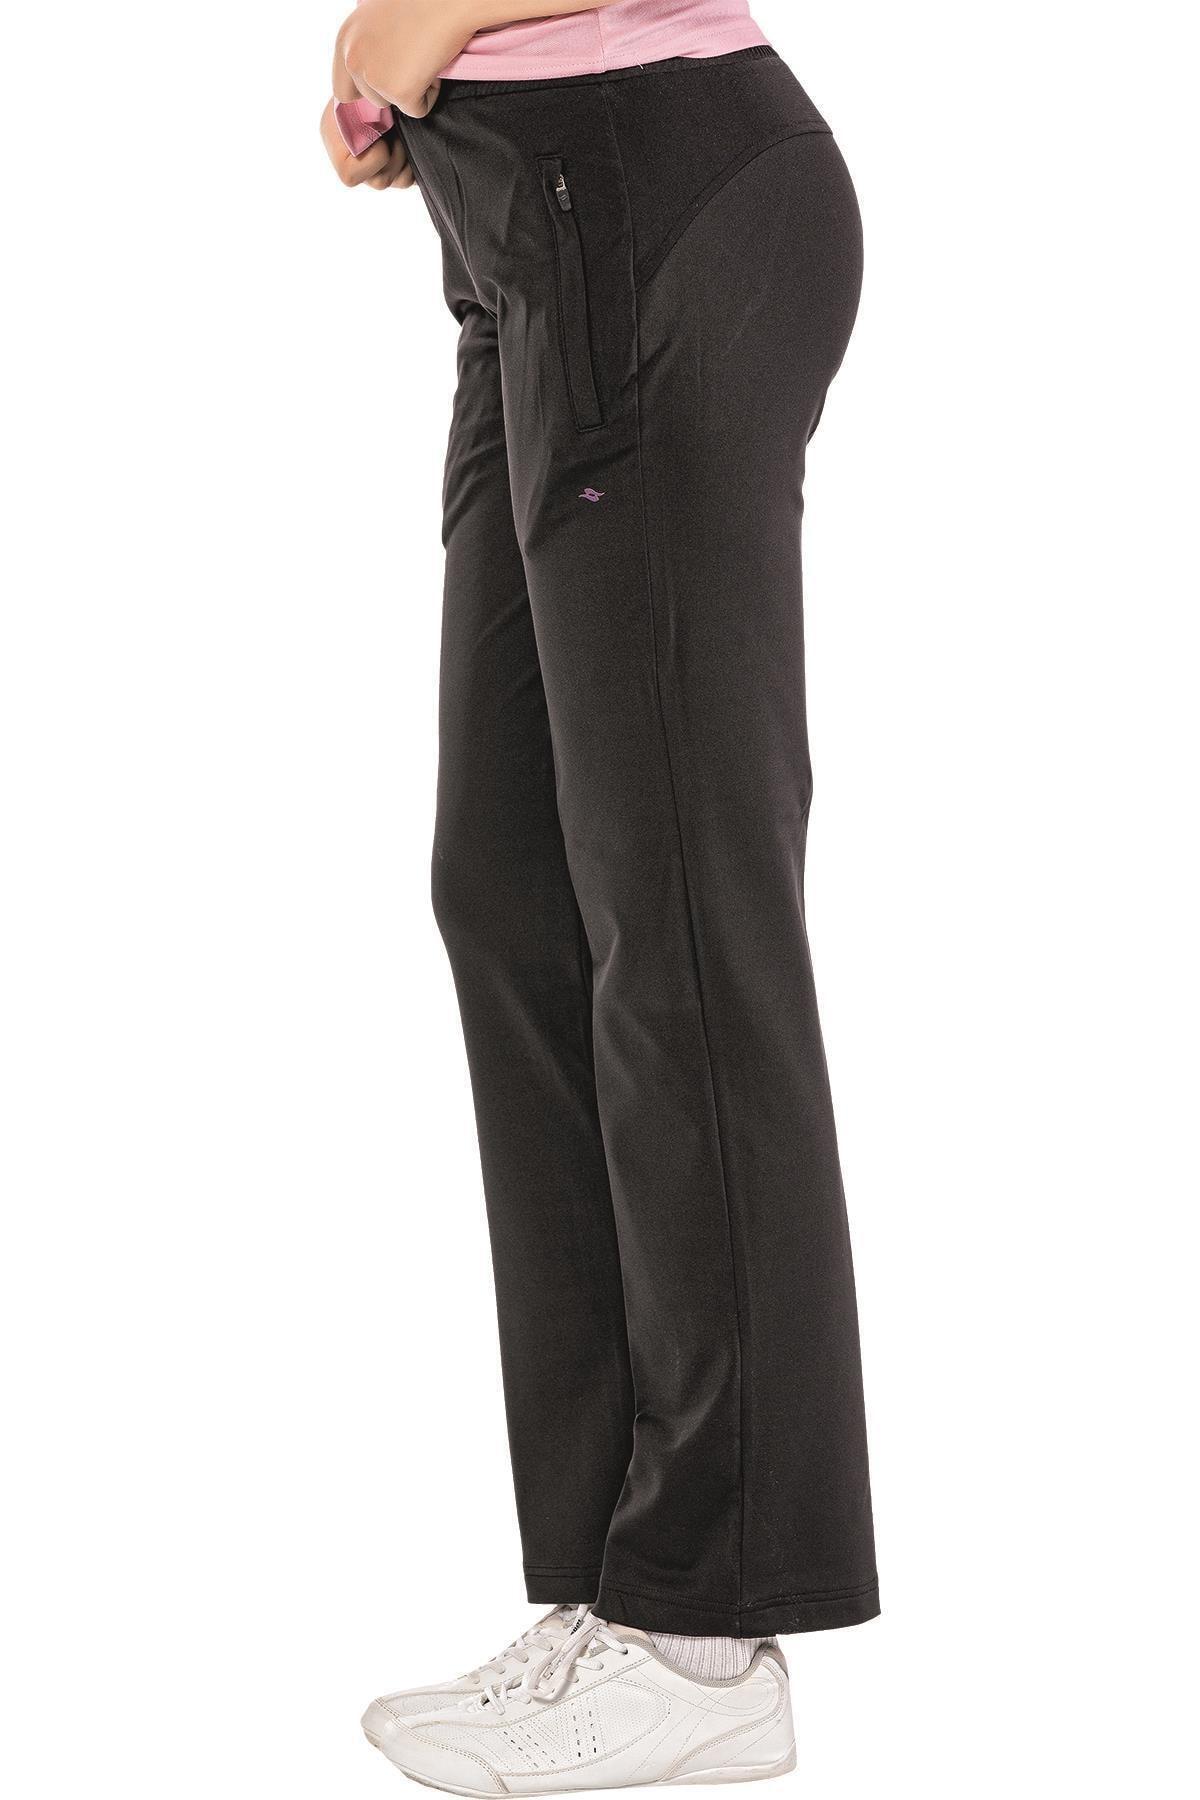 Crozwise Kadın Lacivert Dalgıç Pantolon 1